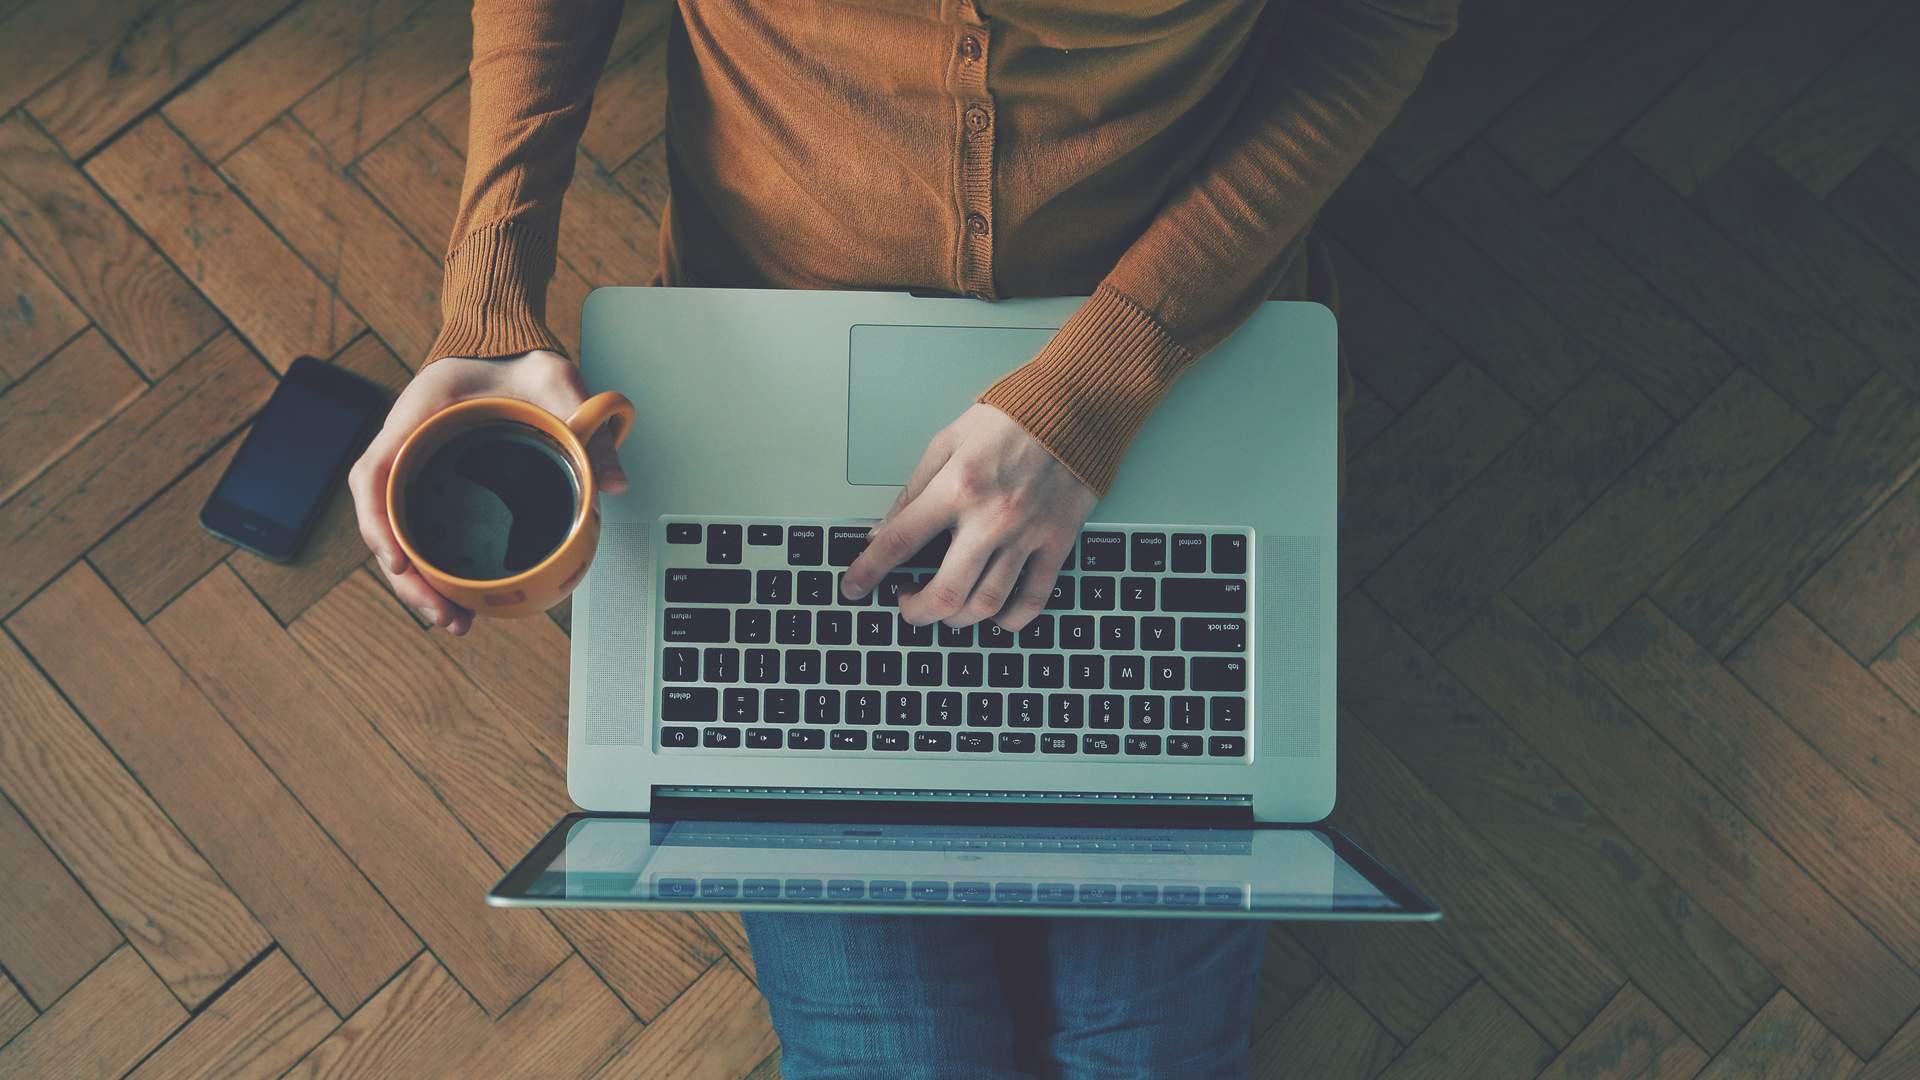 Pessoa sentada no chão usando notebook no colo e segurando caneca de café na mão esquerda